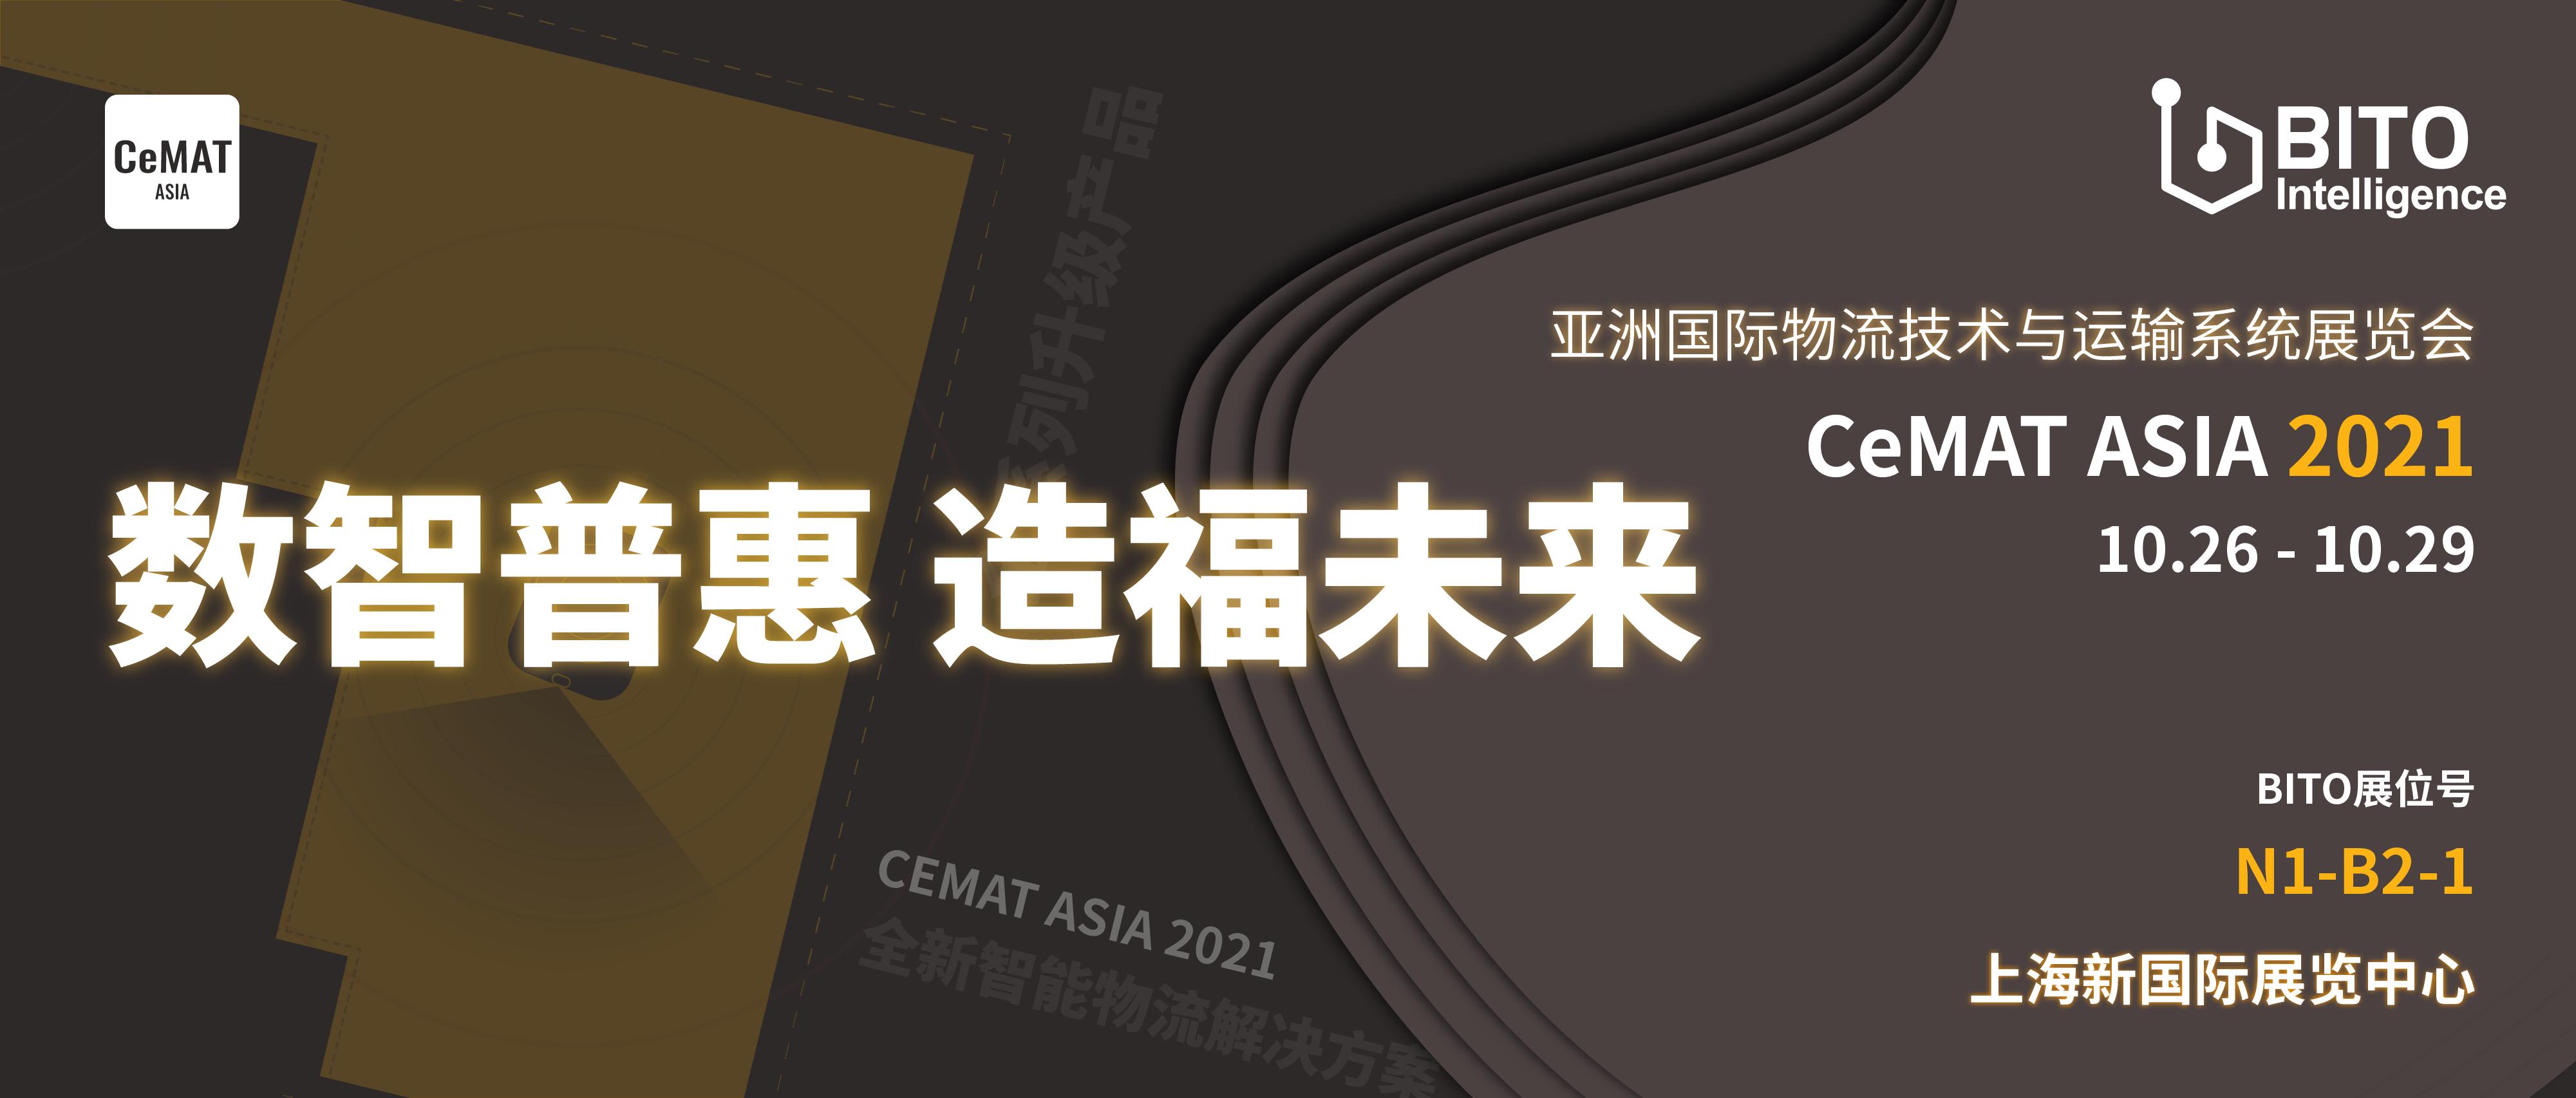 2021 CeMAT ASIA 破圈而出 BITO强势回归